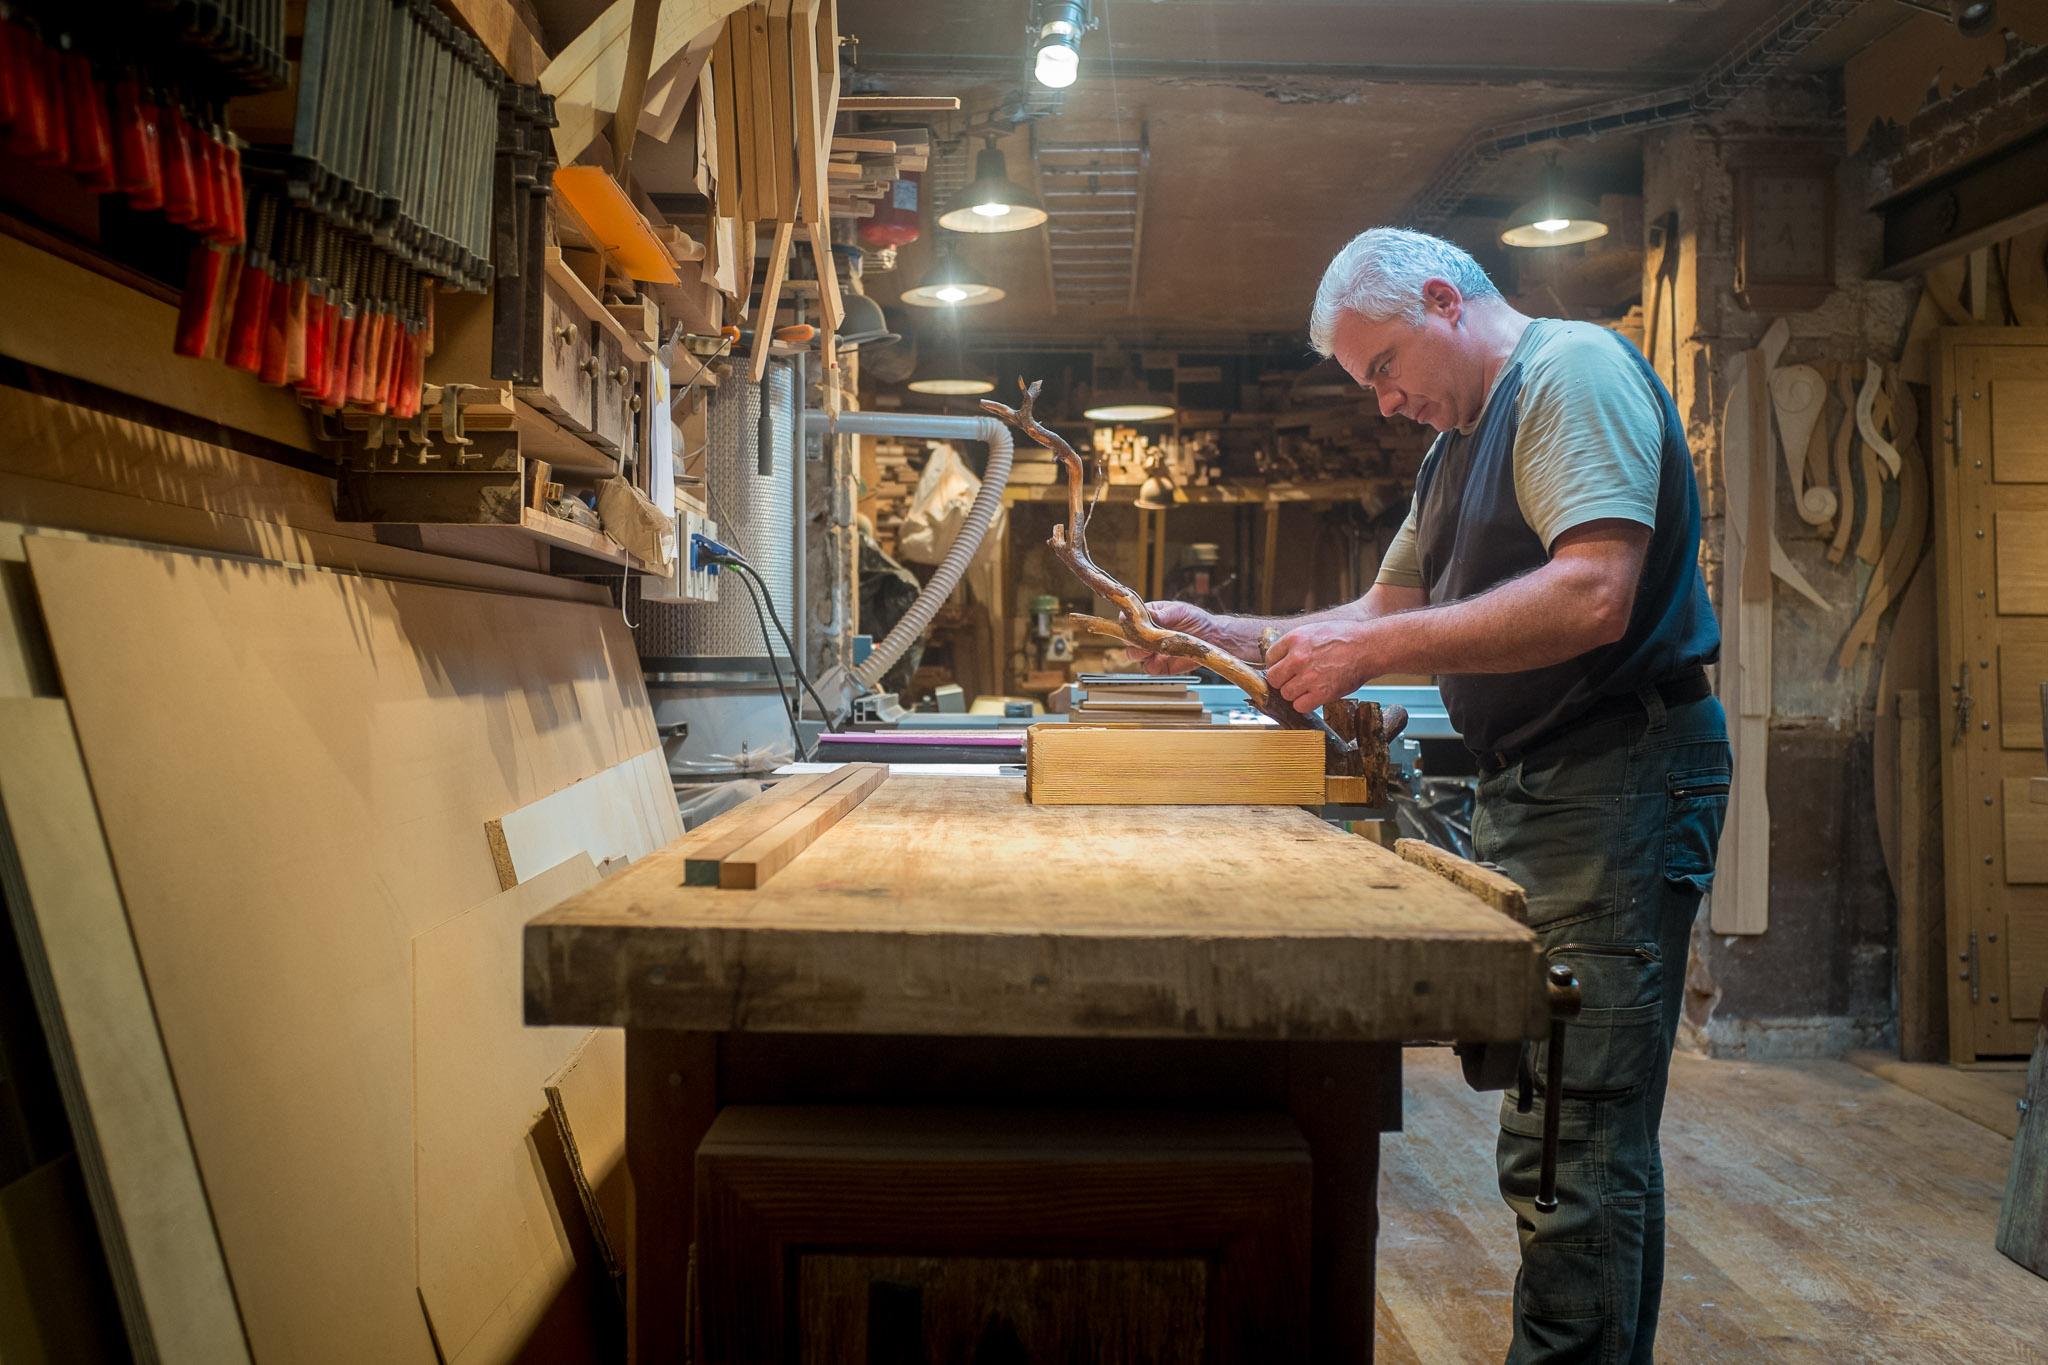 Woodworker in Paris